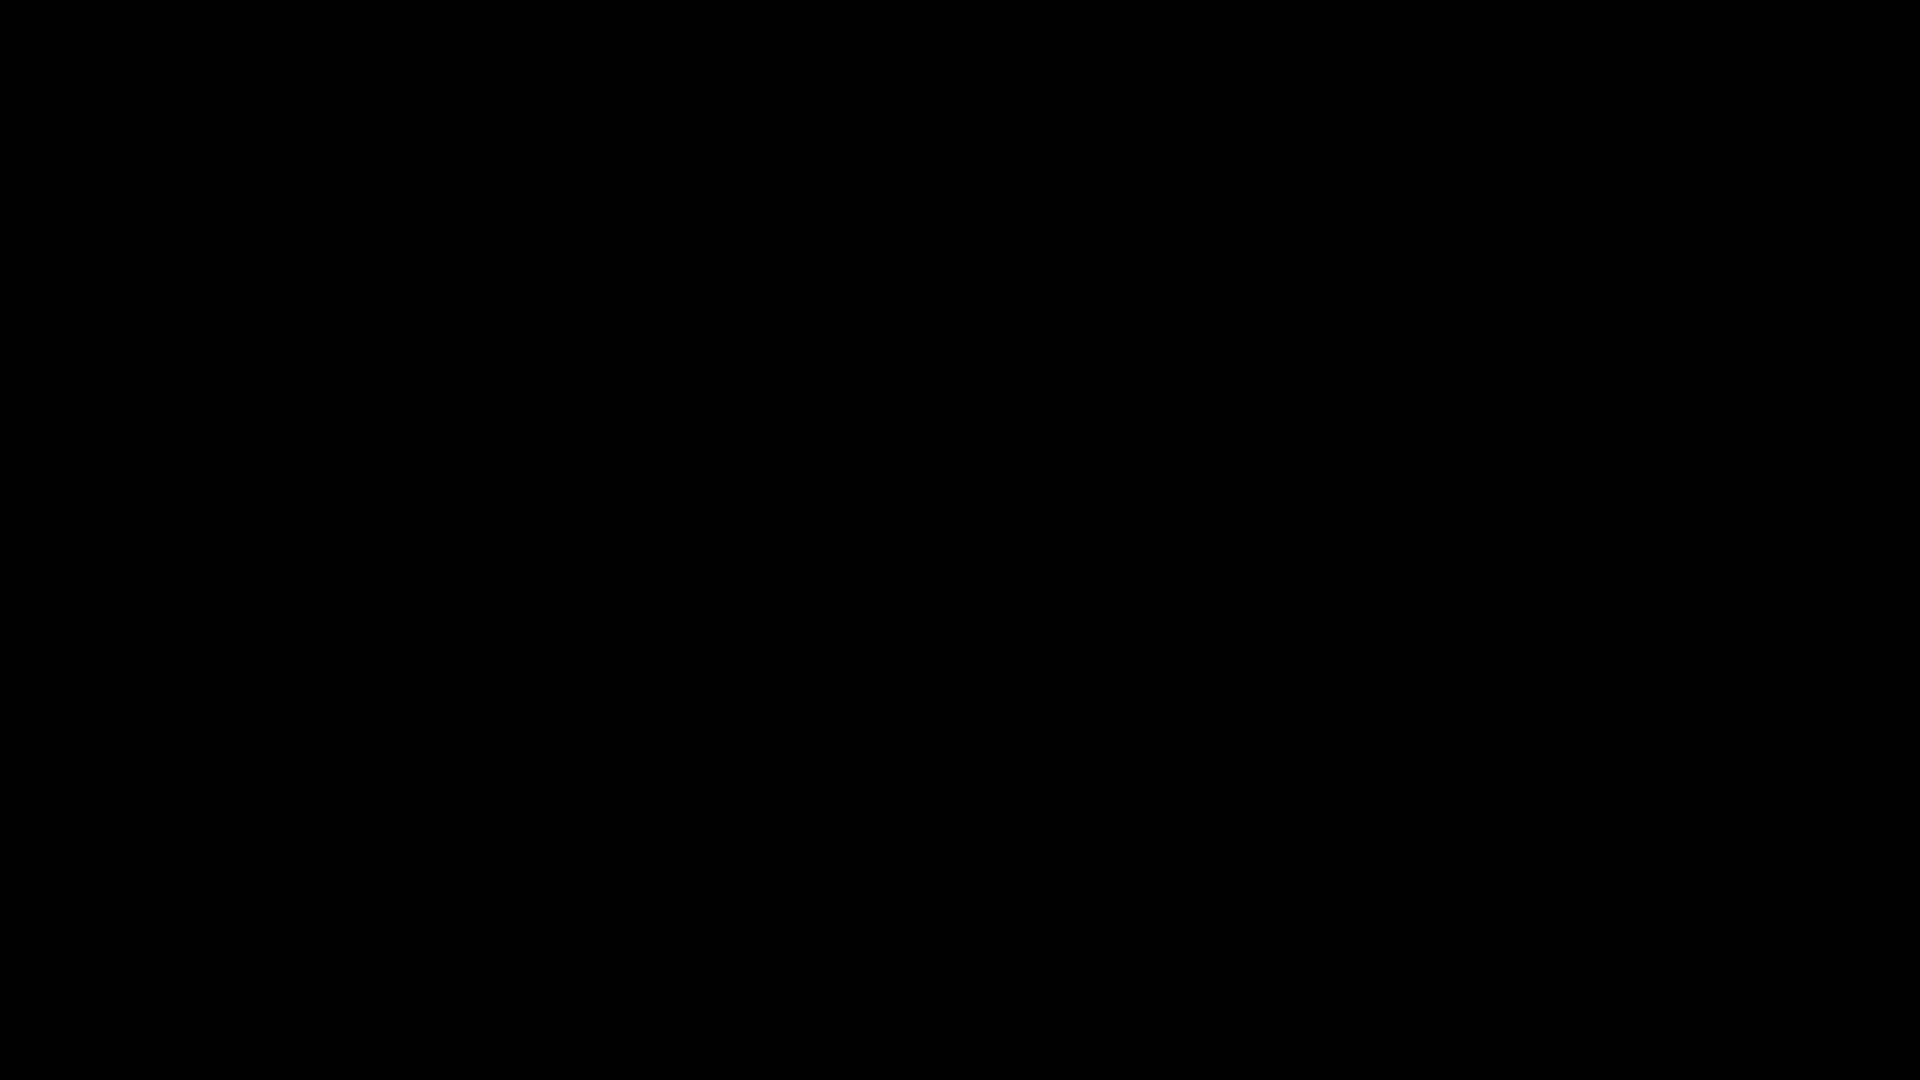 キャンギャルのお仕事~ローションでぐちょぐちょ~ - 井上英李【騎乗位 バック 正常位 側位 中だし】